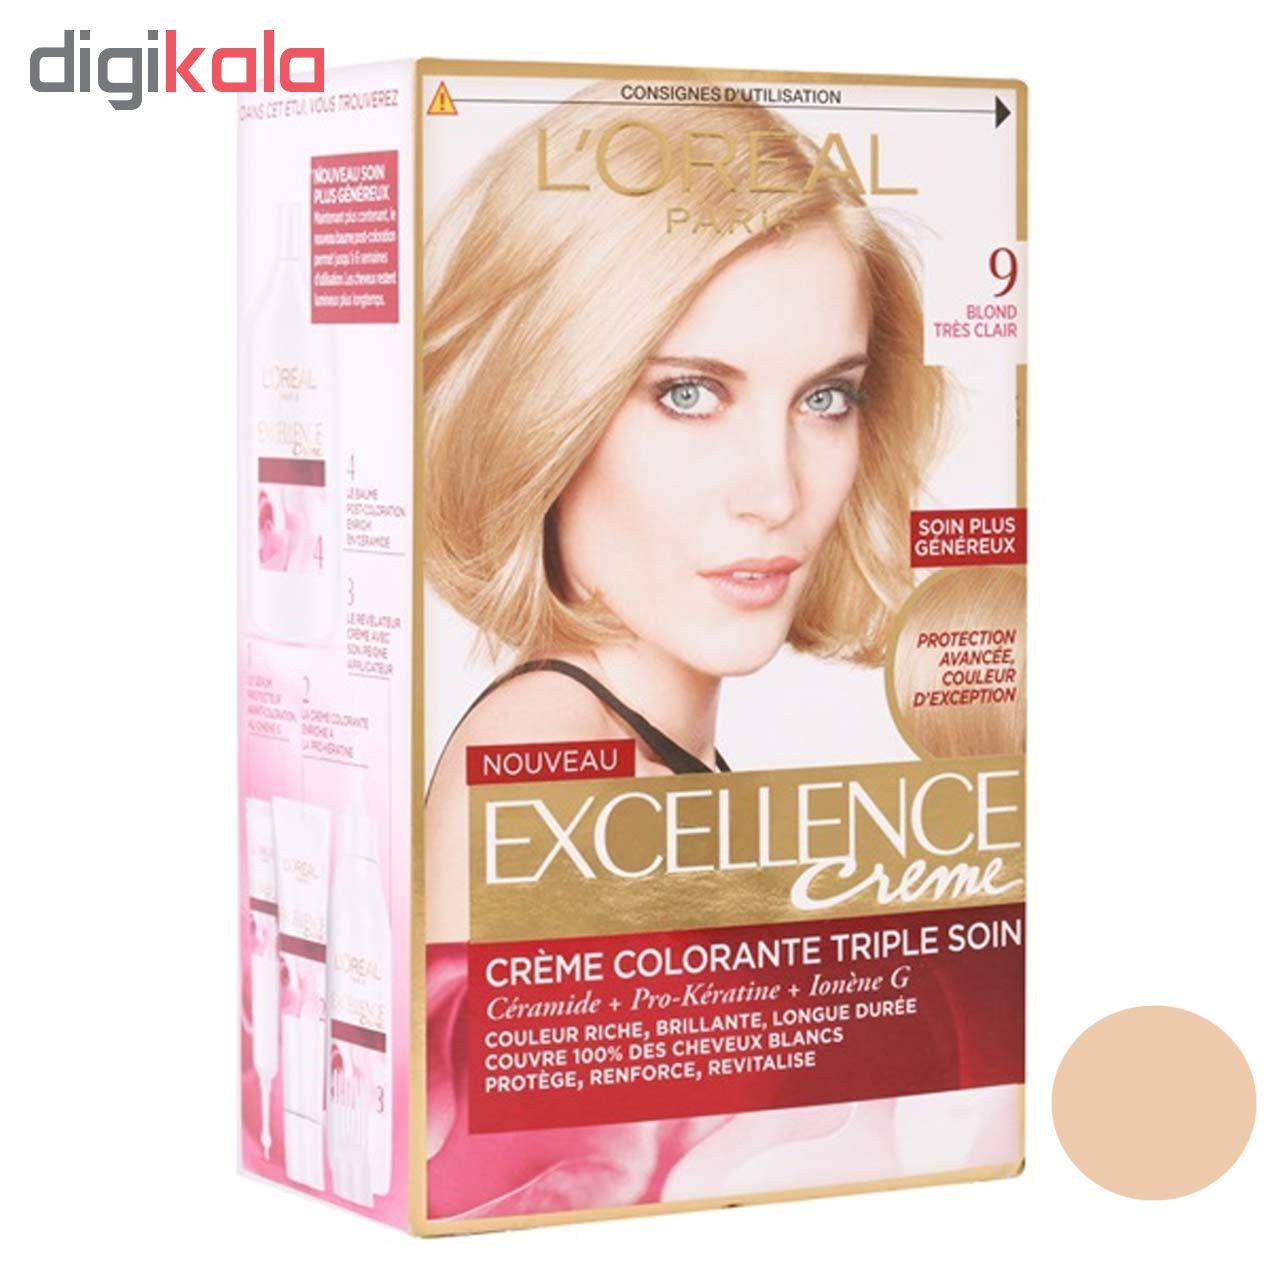 کیت رنگ مو لورآل سری Excellence شماره 9 حجم 48 میلی لیتر رنگ بلوند طلایی